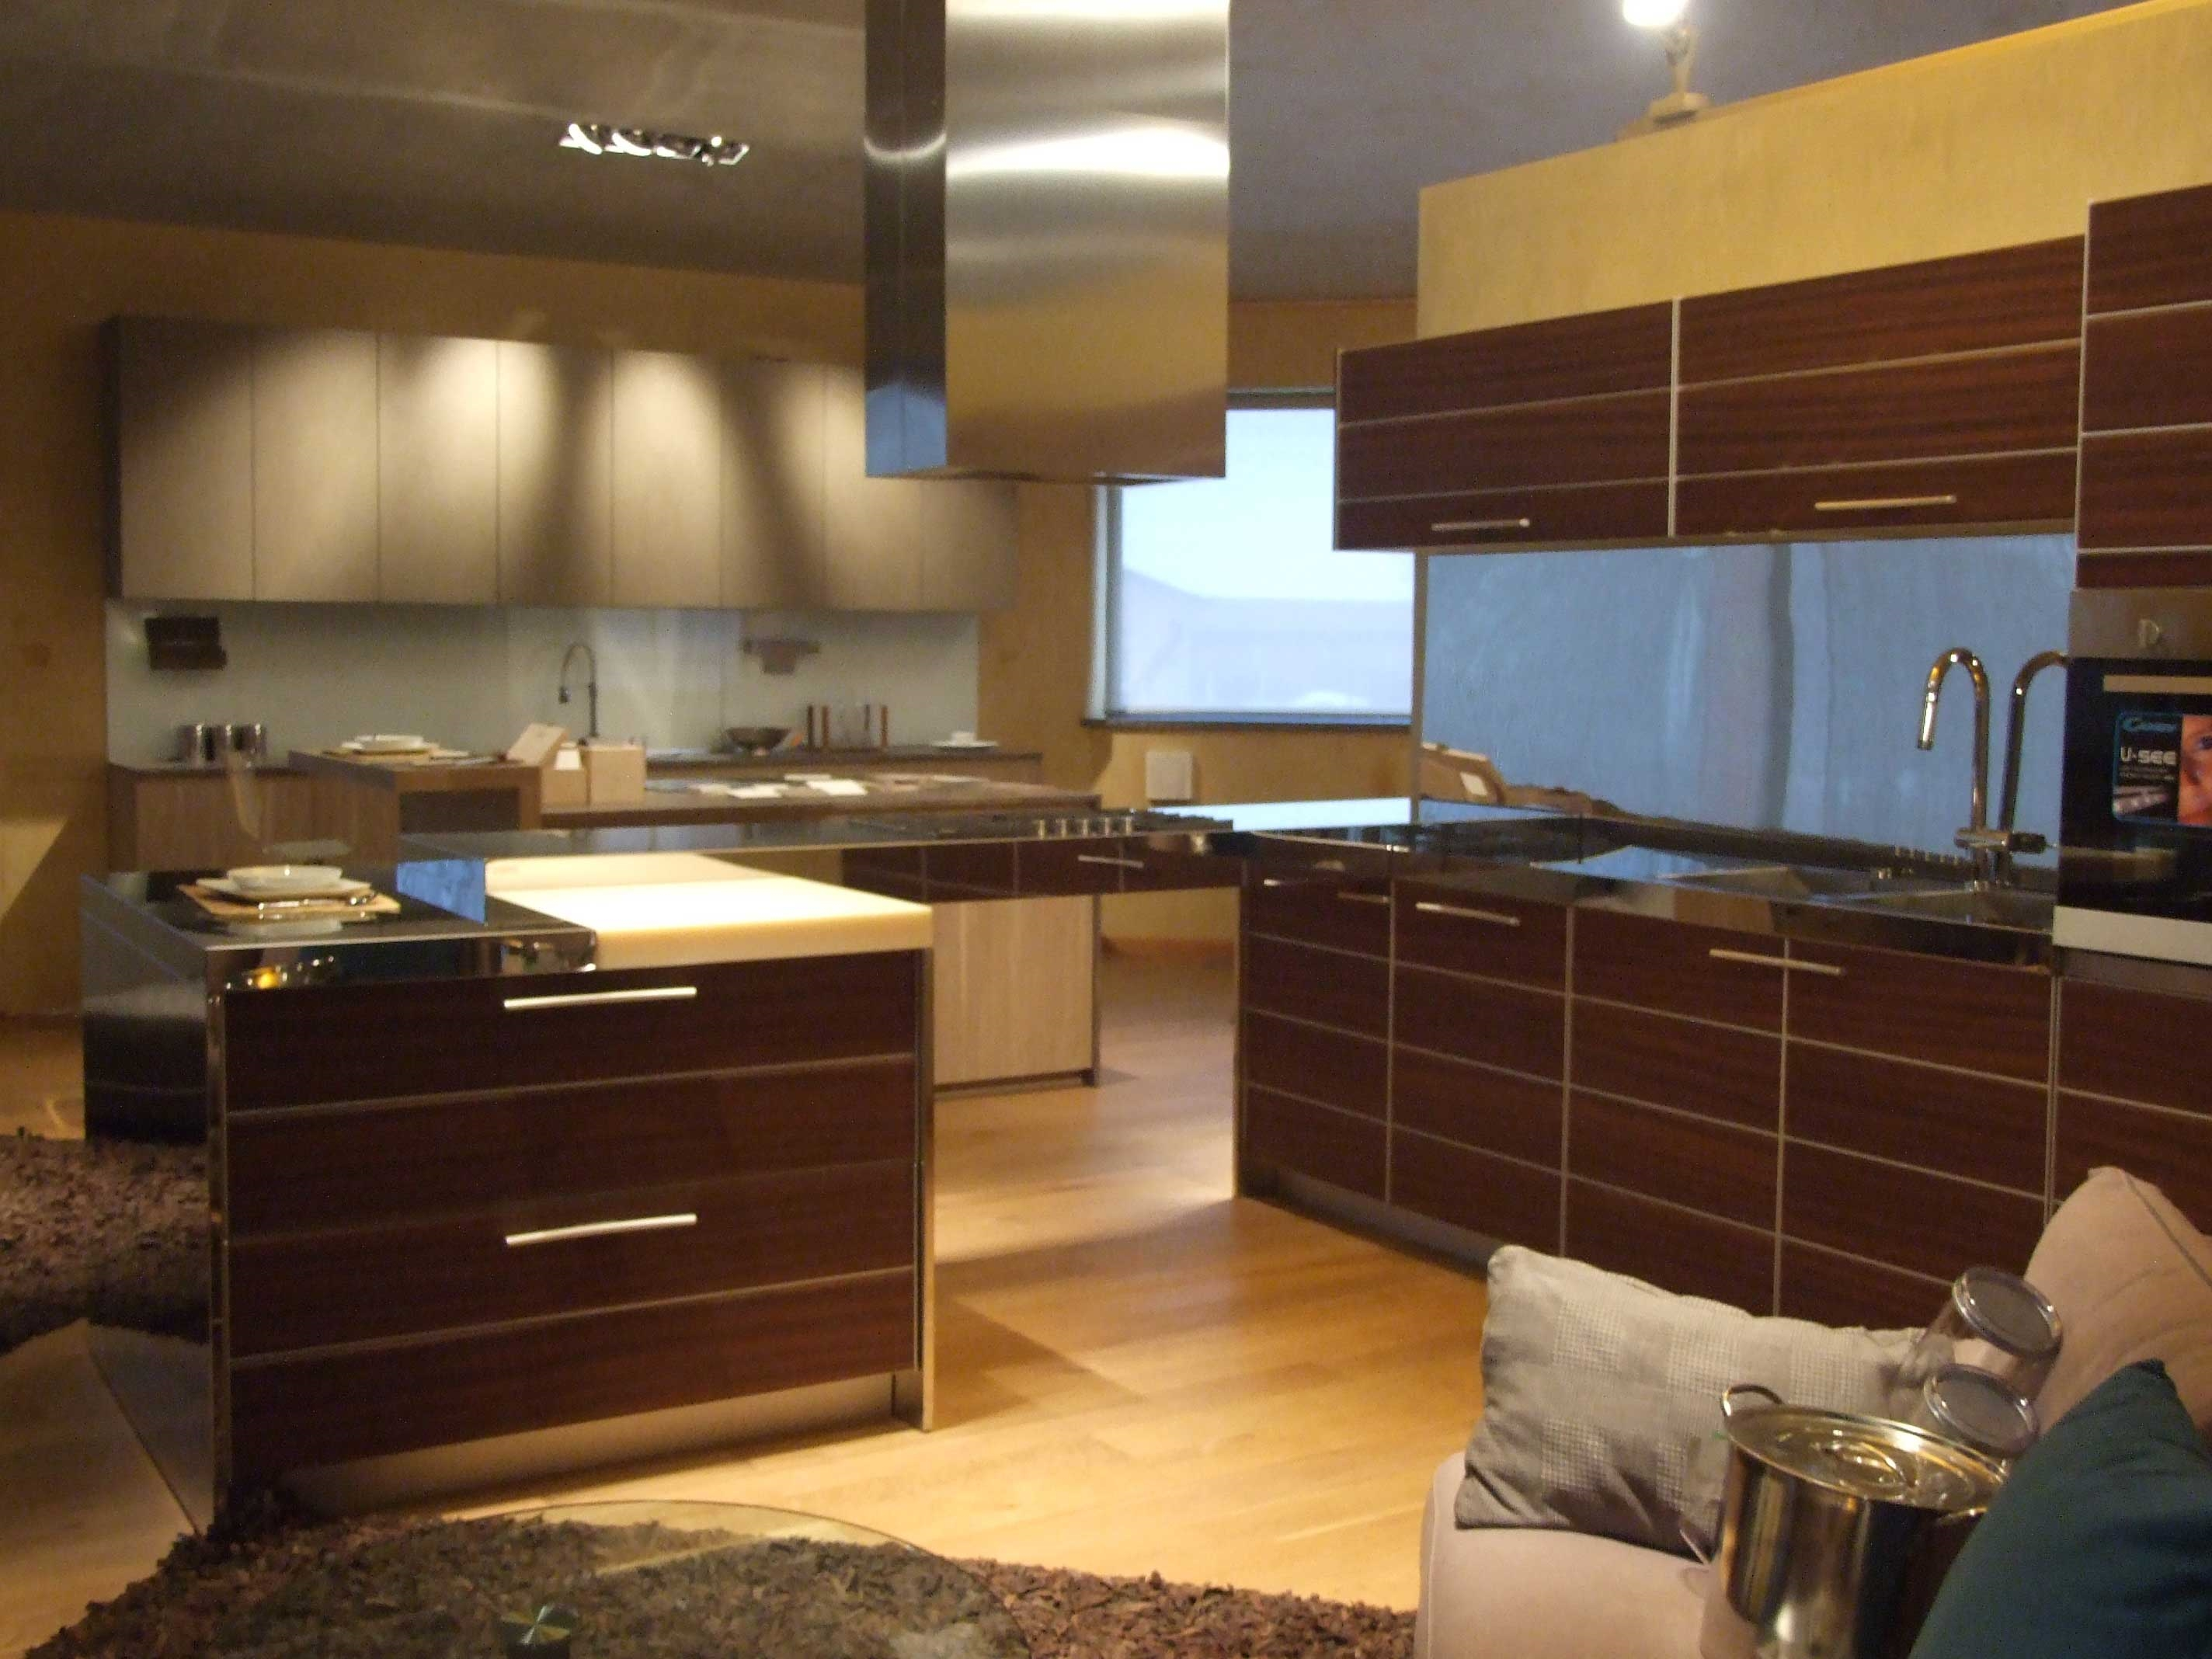 Cucina schiffini cucina savoire con penisola scontata del 53 cucine a prezzi scontati - Schiffini cucine prezzi ...